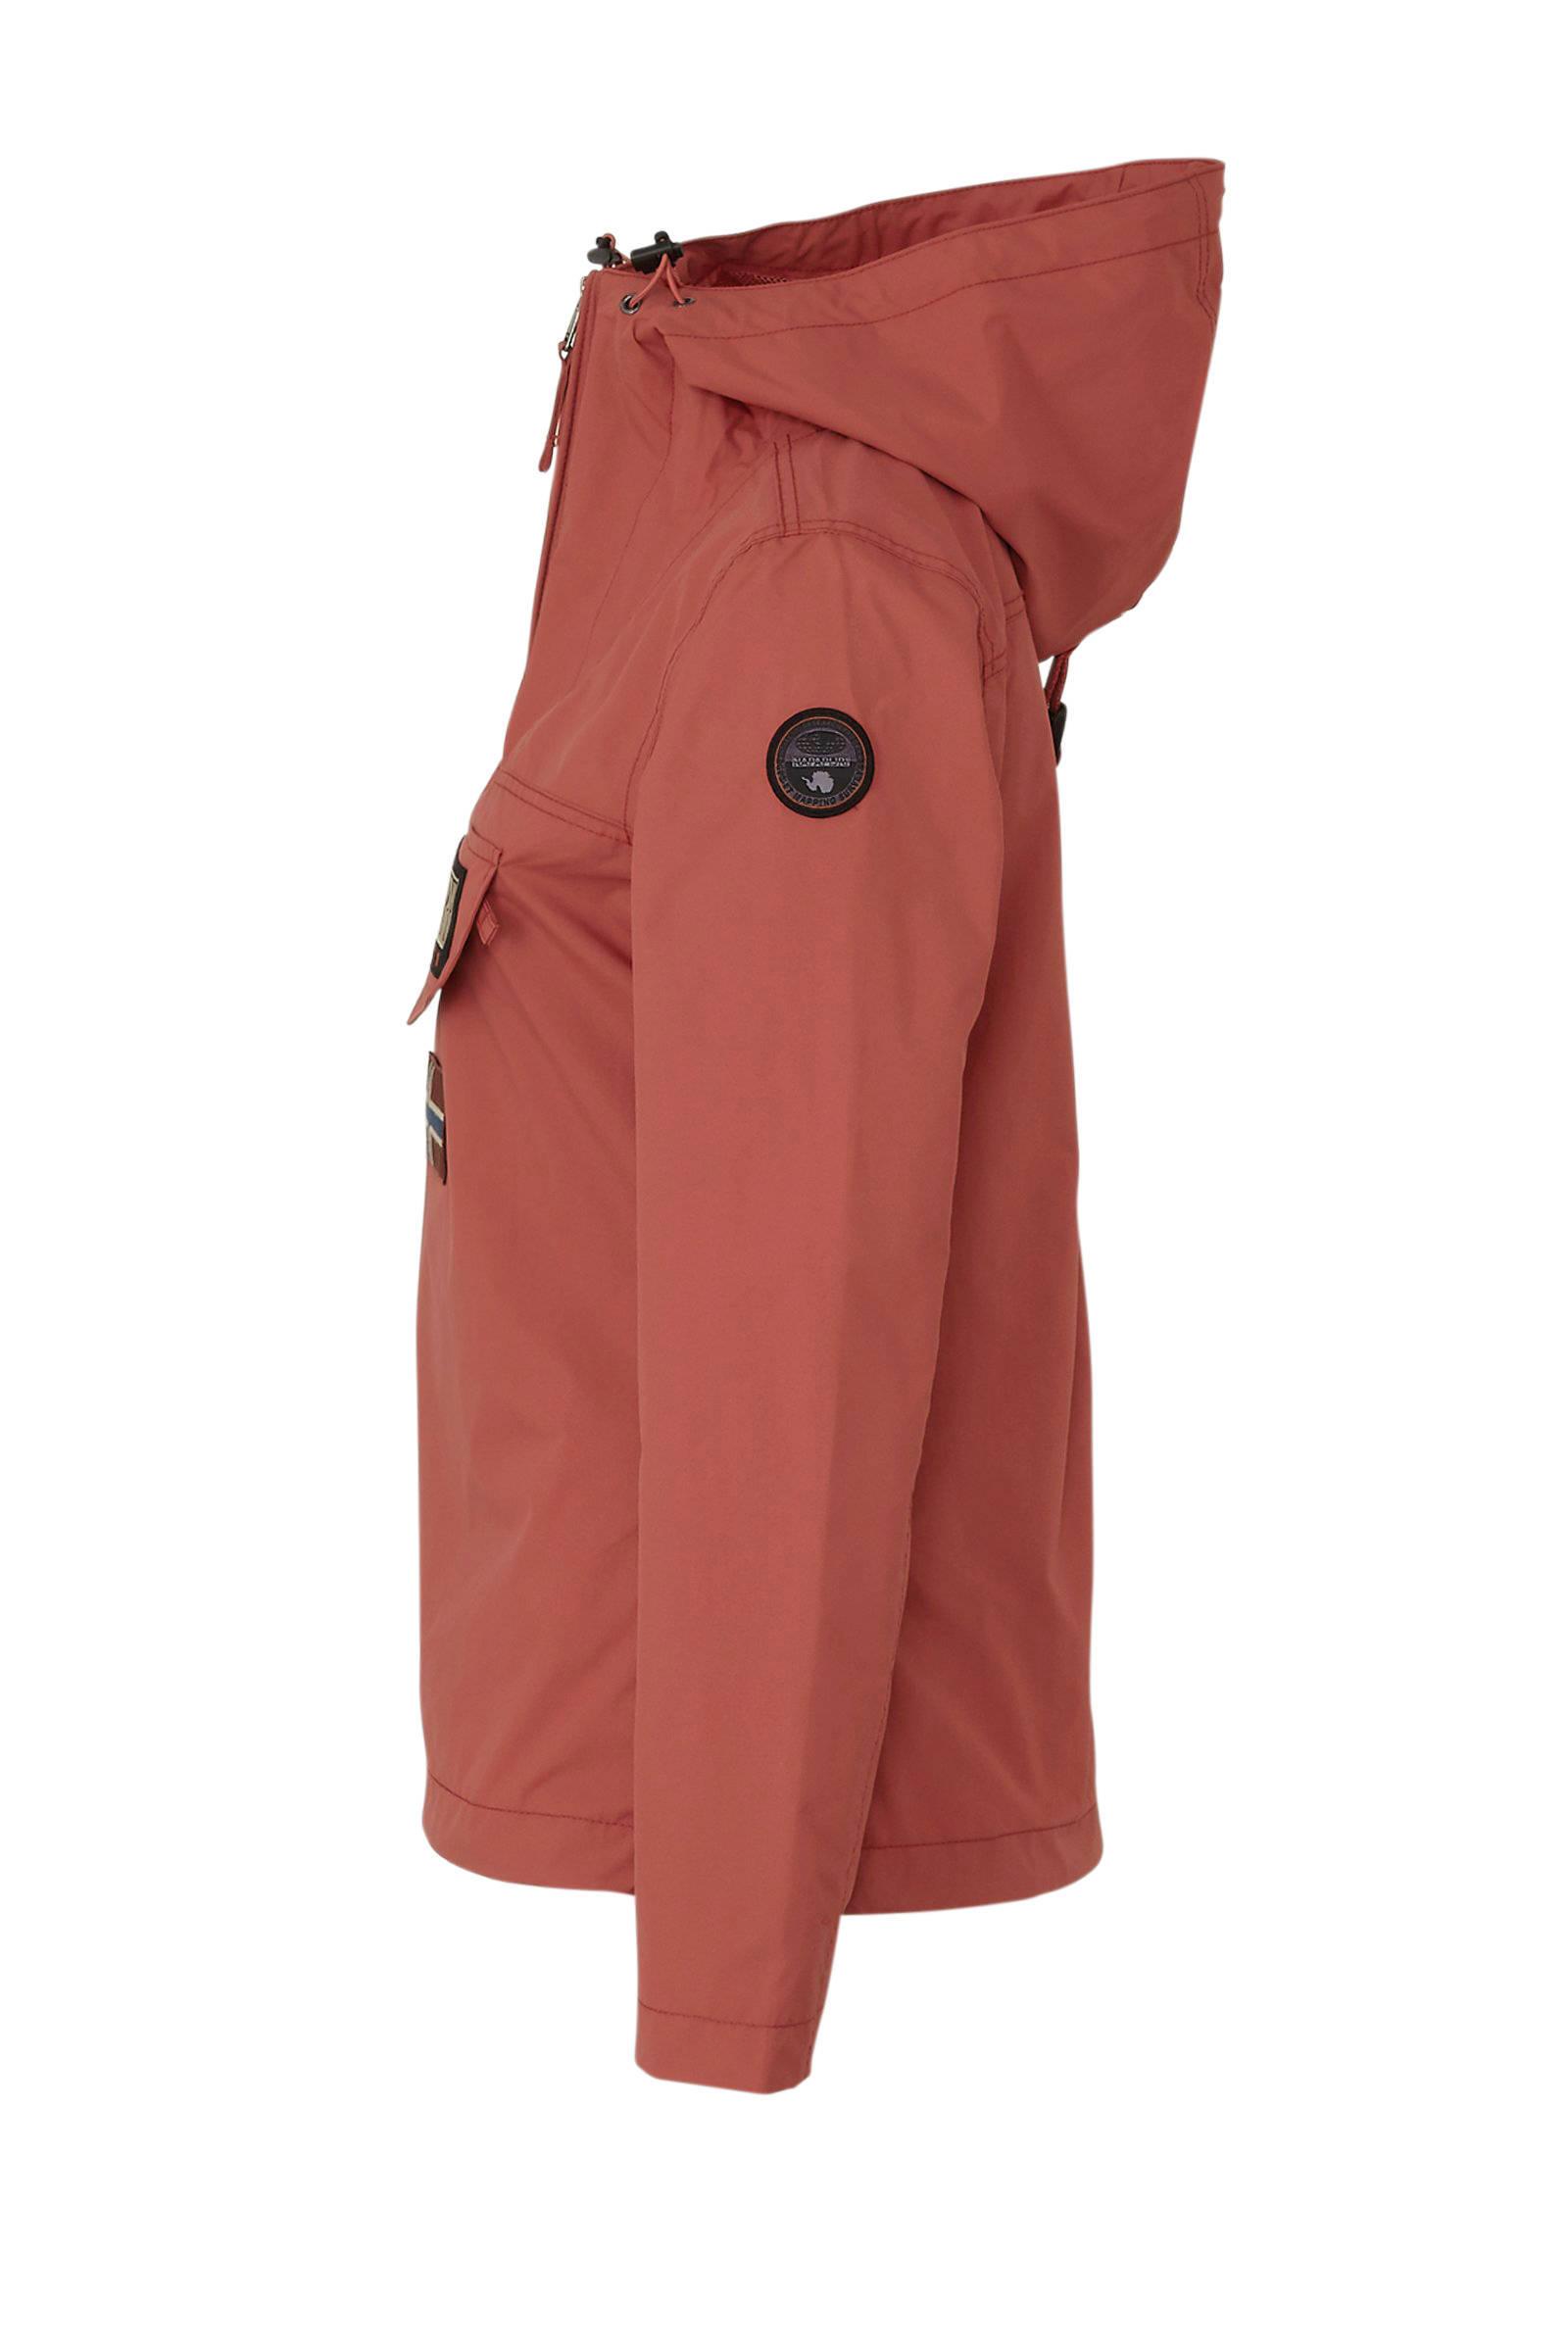 Napapijri jas met capuchon oudroze | wehkamp